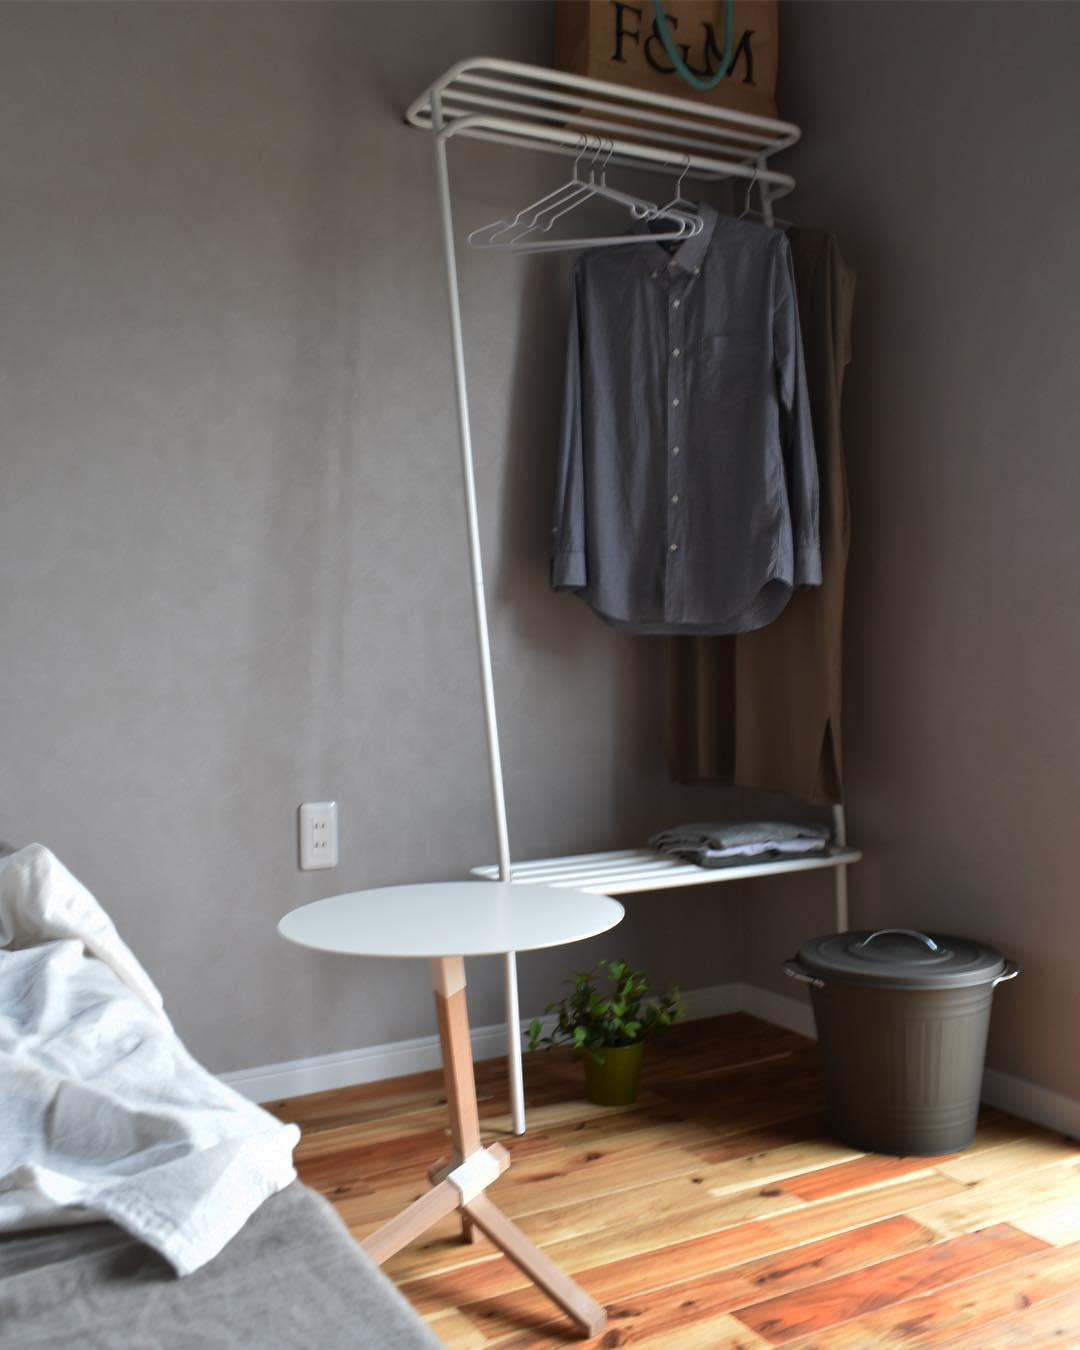 玄関や廊下、ベッド周りといった狭い場所にも、すんなり置ける。奥行たった40cmに、コートもバッグも手袋も収納できる「立て掛け式ラック」|DUENDE WALL HANGER